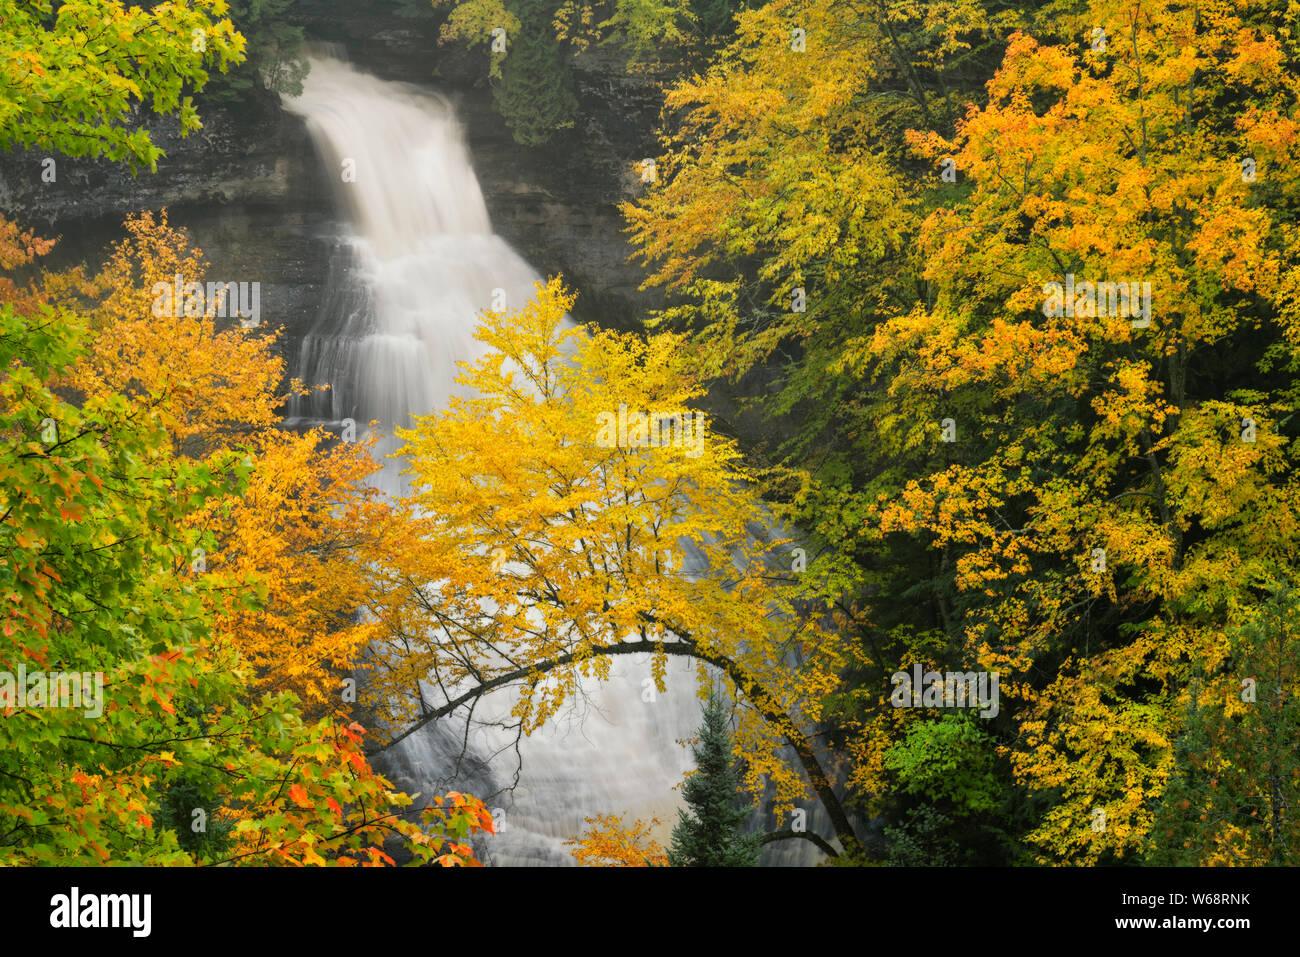 Couleur d'automne Chapelle entoure tombe dans Pictured Rocks National Lakeshore et de la Péninsule Supérieure du Michigan. Banque D'Images